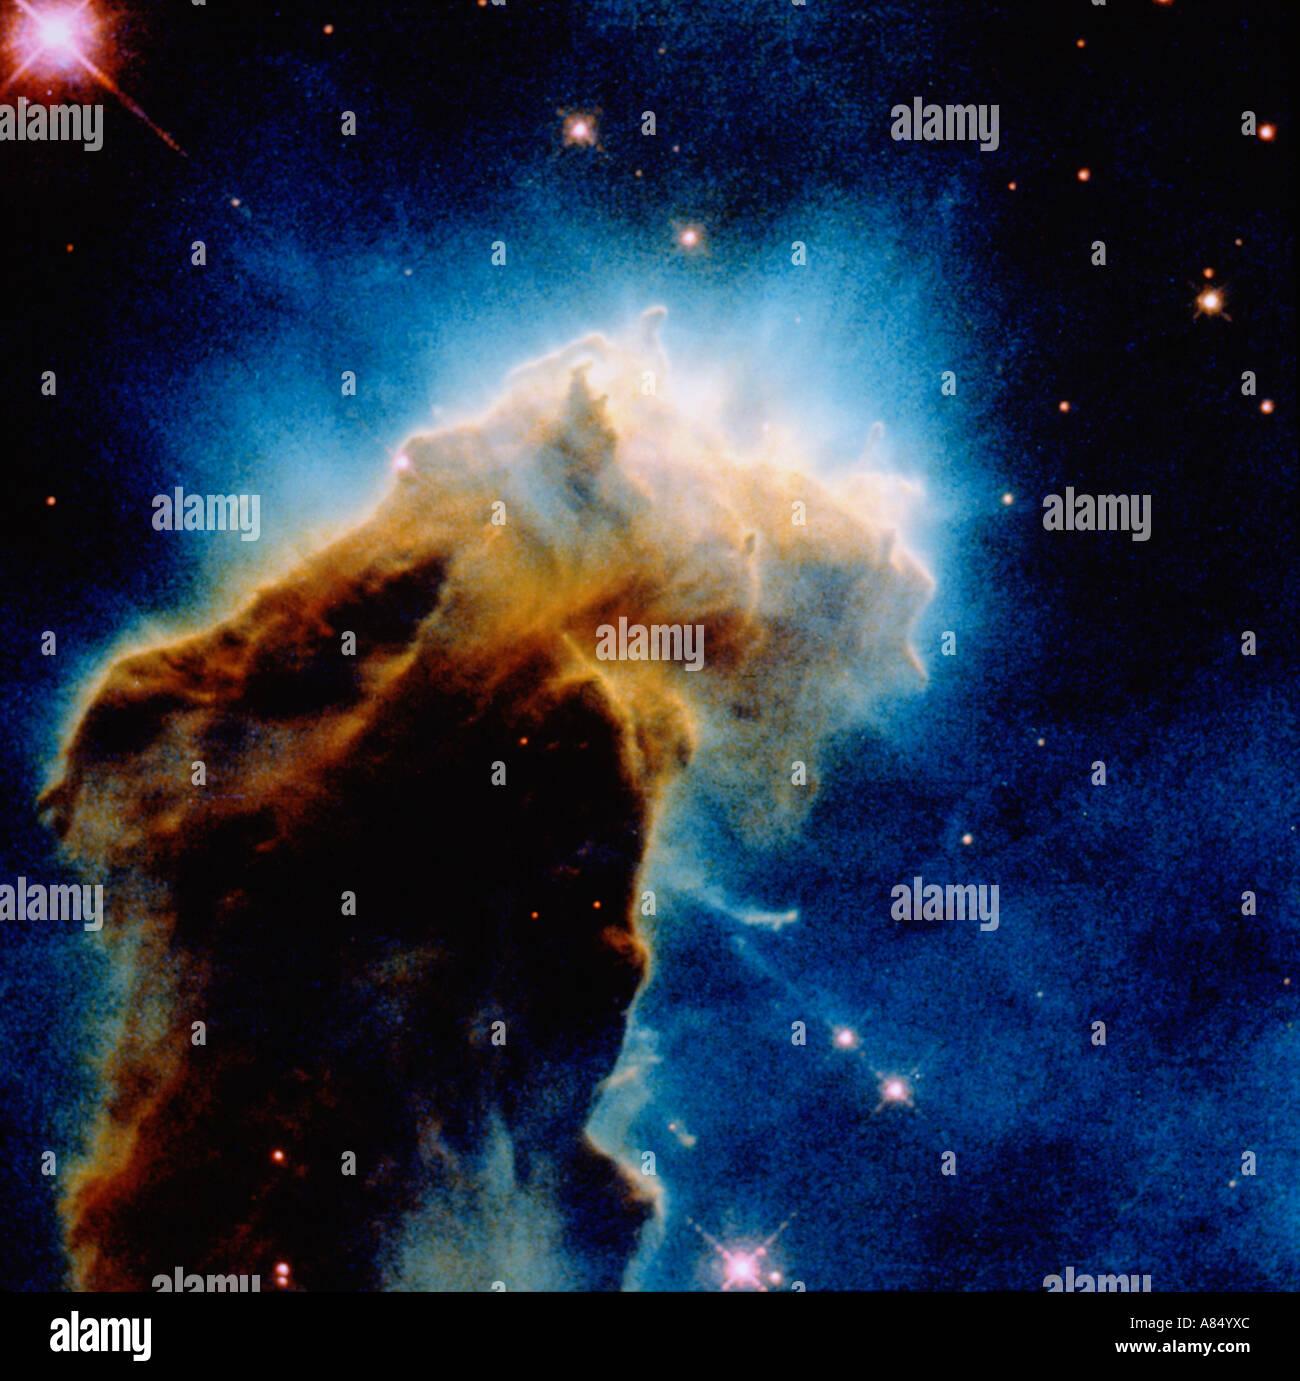 L'astronomie. Naissance étoiles nuages dans l'espace lointain. Nébuleuse de l'aigle. Hubble image. Photo Stock